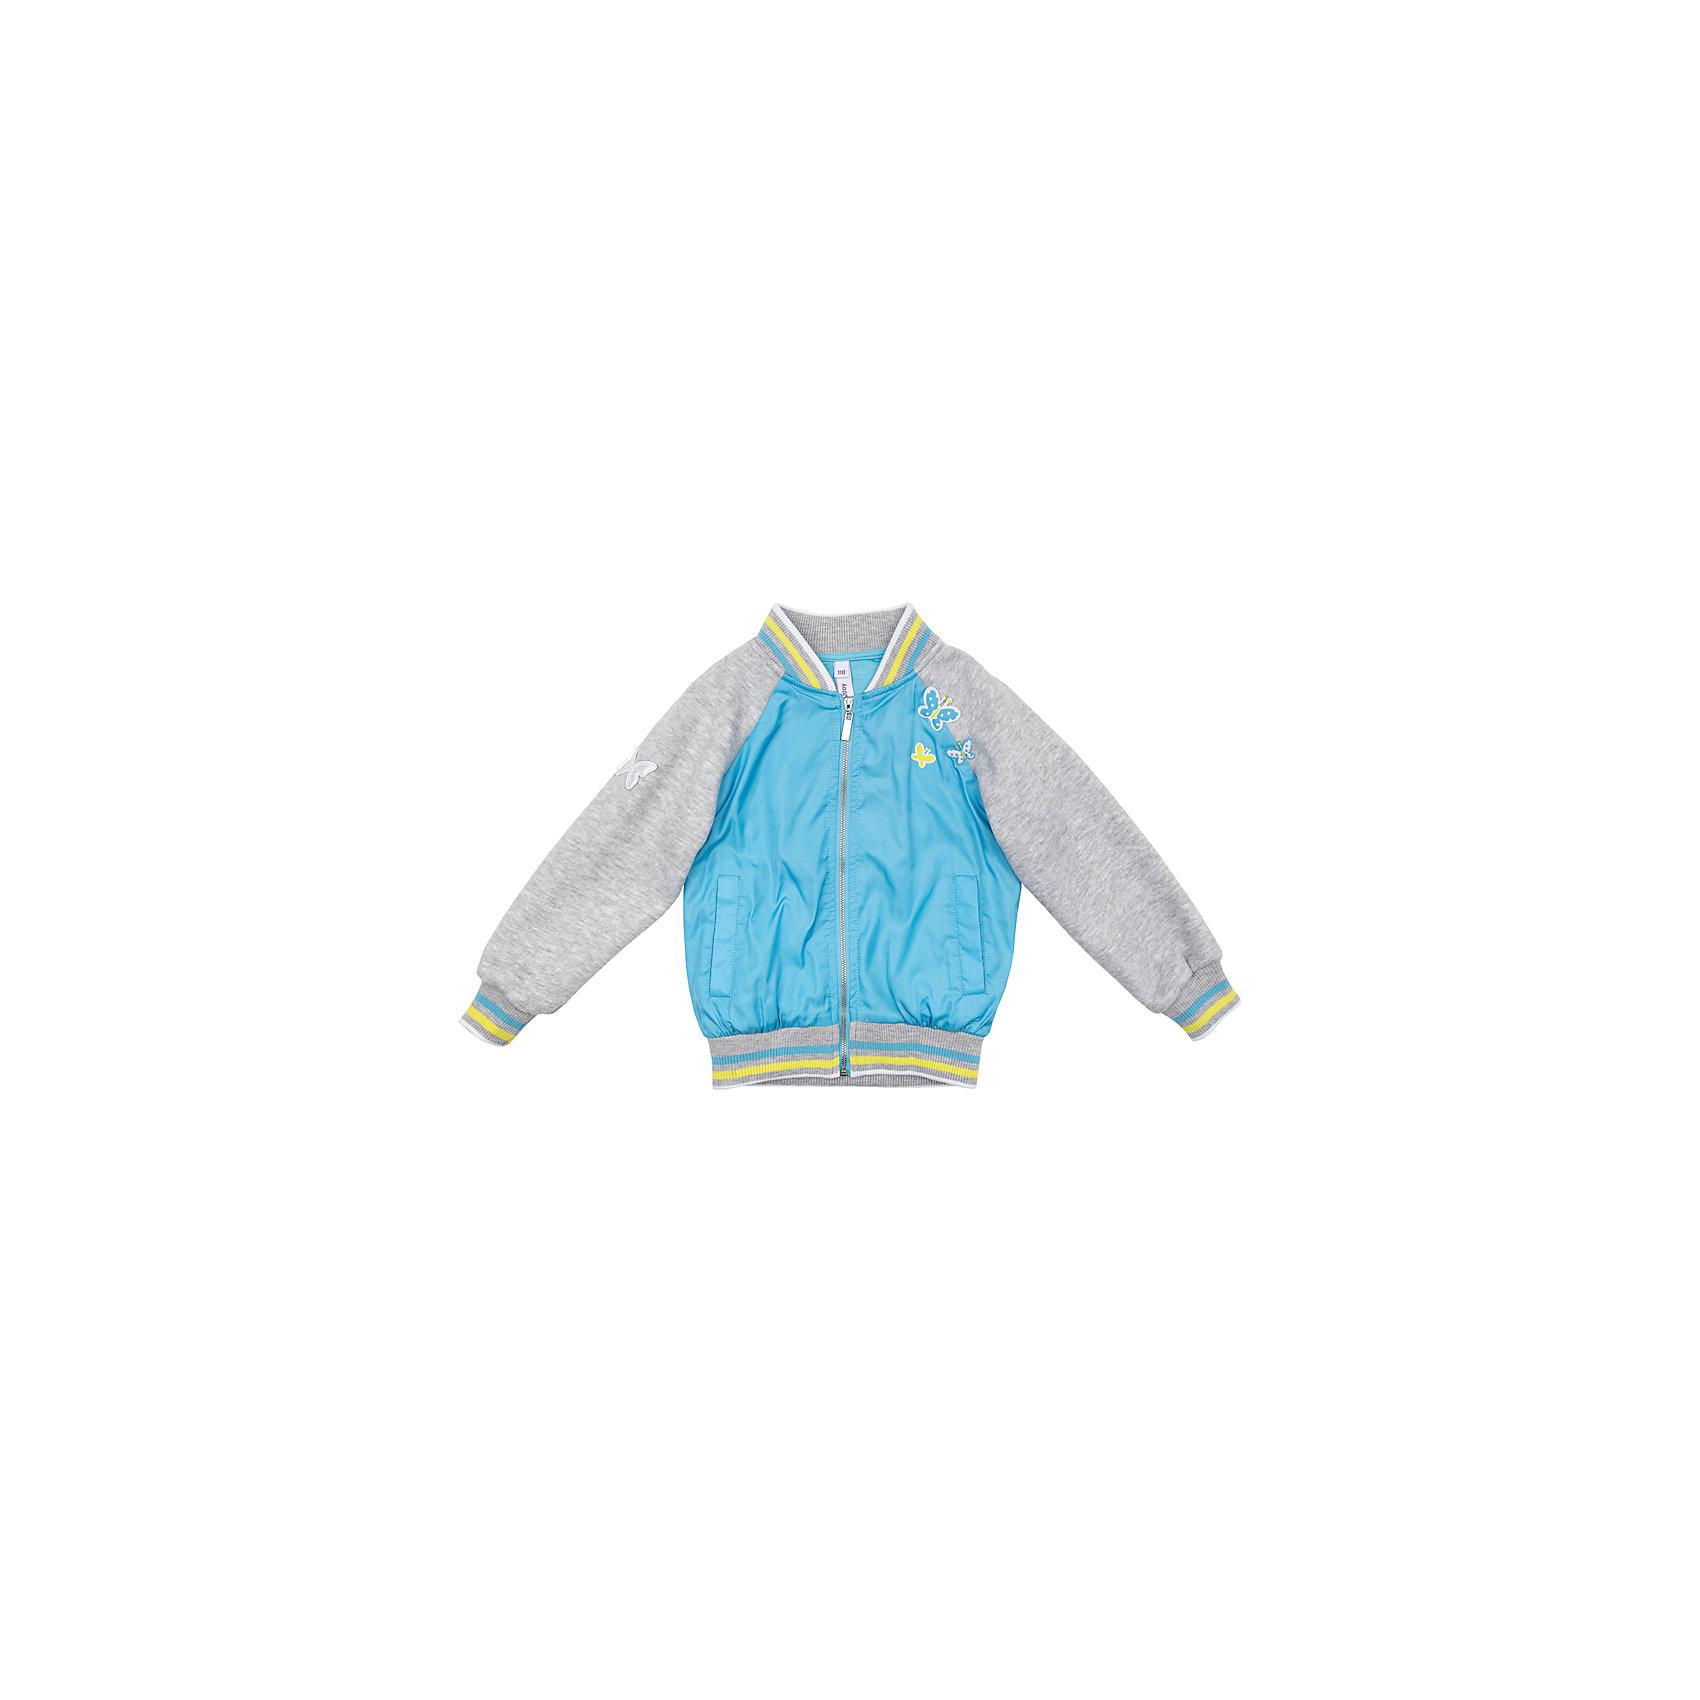 Куртка для девочки PlayTodayВетровки и жакеты<br>Характеристики товара:<br><br>• цвет: разноцветный<br>• состав: 100% полиэстер, подкладка: 60% хлопок, 40% полиэстер<br>• без утеплителя<br>• температурный режим: от +10°С до +20°С<br>• карманы<br>• молния<br>• эластичные манжеты<br>• светоотражающие элементы<br>• коллекция: весна-лето 2017<br>• страна бренда: Германия<br>• страна производства: Китай<br><br>Популярный бренд PlayToday выпустил новую коллекцию! Вещи из неё продолжают радовать покупателей удобством, стильным дизайном и продуманным кроем. Дети носят их с удовольствием. PlayToday - это линейка товаров, созданная специально для детей. Дизайнеры учитывают новые веяния моды и потребности детей. Порадуйте ребенка обновкой от проверенного производителя!<br>Такая демисезонная куртка обеспечит ребенку комфорт благодаря качественному материалу и продуманному крою. С помощью этой модели можно удобно одеться по погоде. Очень модная модель! Отлично подходит для переменной погоды межсезонья.<br><br>Куртку для девочки от известного бренда PlayToday можно купить в нашем интернет-магазине.<br><br>Ширина мм: 356<br>Глубина мм: 10<br>Высота мм: 245<br>Вес г: 519<br>Цвет: белый<br>Возраст от месяцев: 84<br>Возраст до месяцев: 96<br>Пол: Женский<br>Возраст: Детский<br>Размер: 128,98,104,110,116,122<br>SKU: 5404237